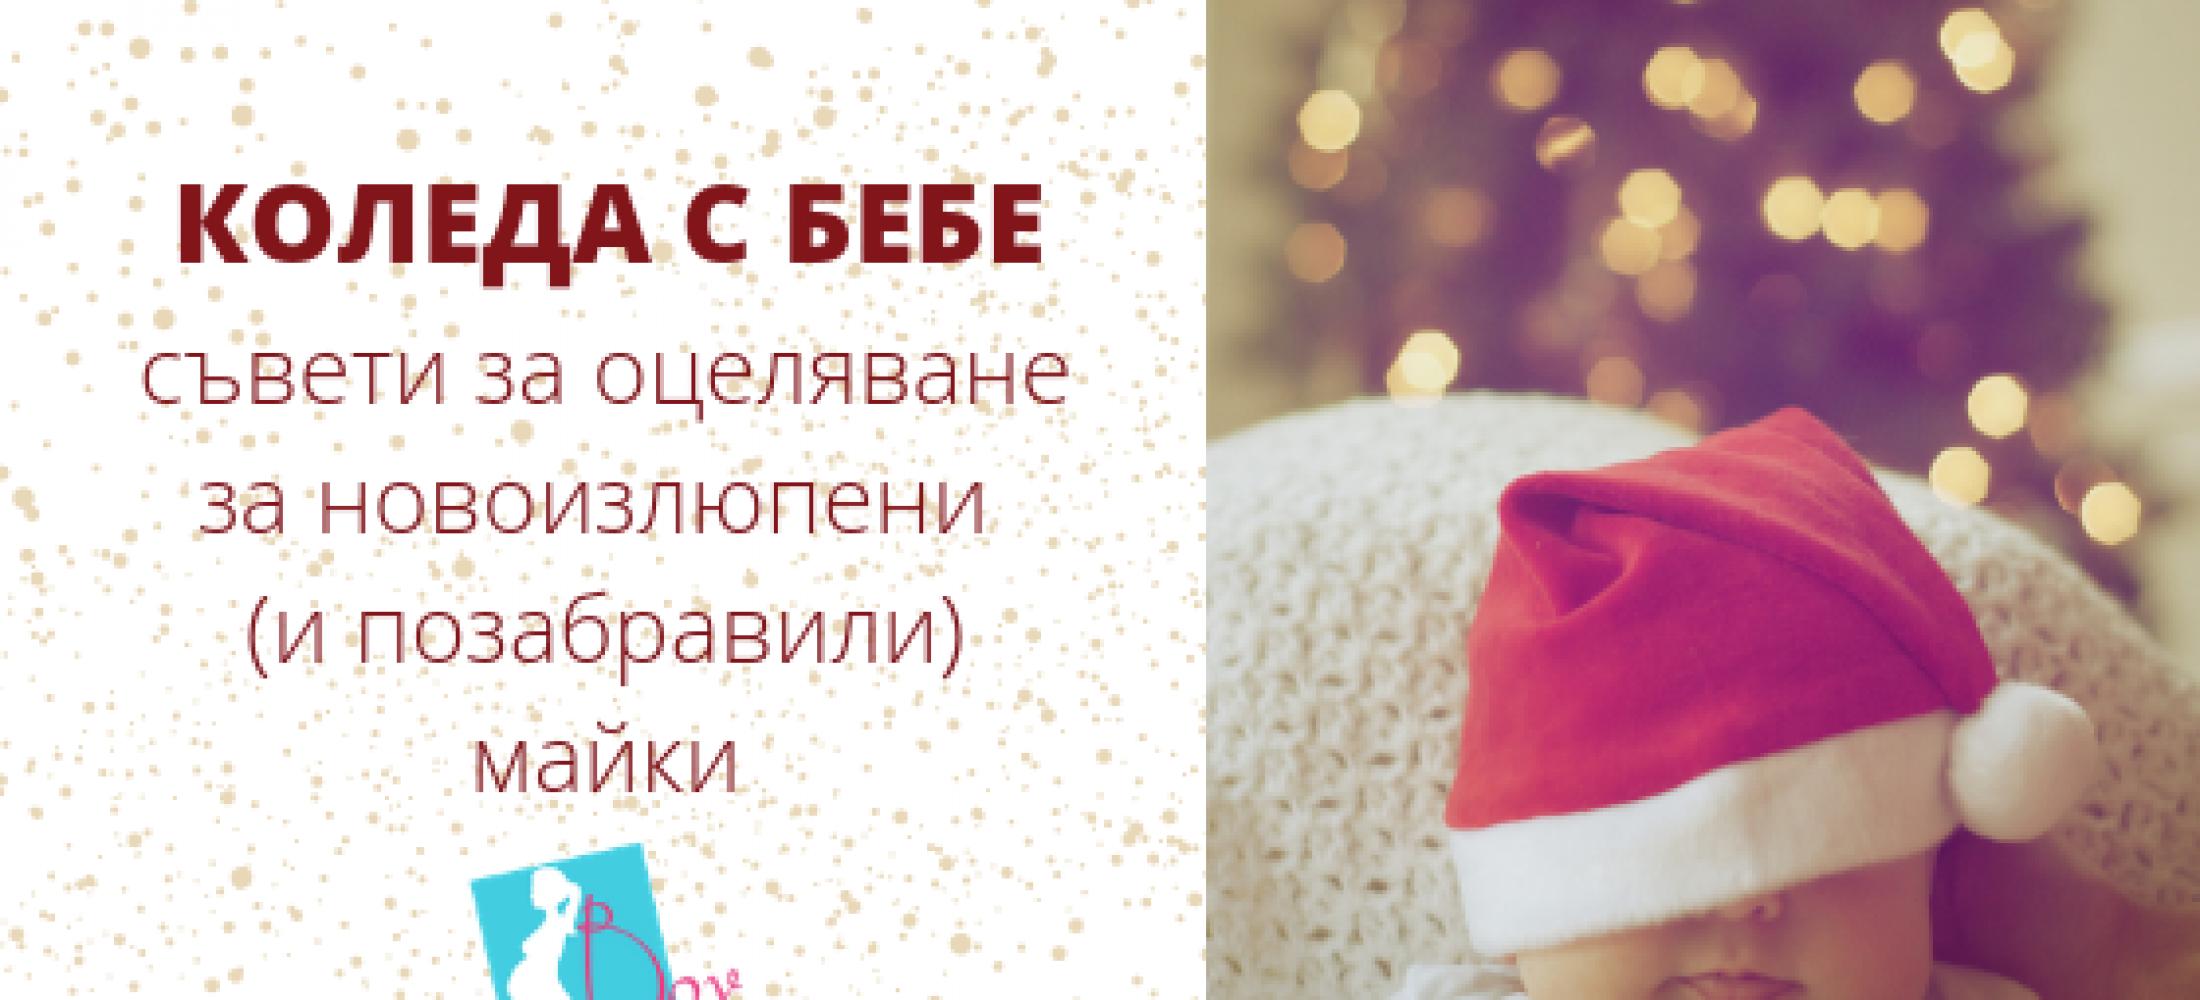 (Български) Коледа с бебе – съвети за оцеляване за... майки